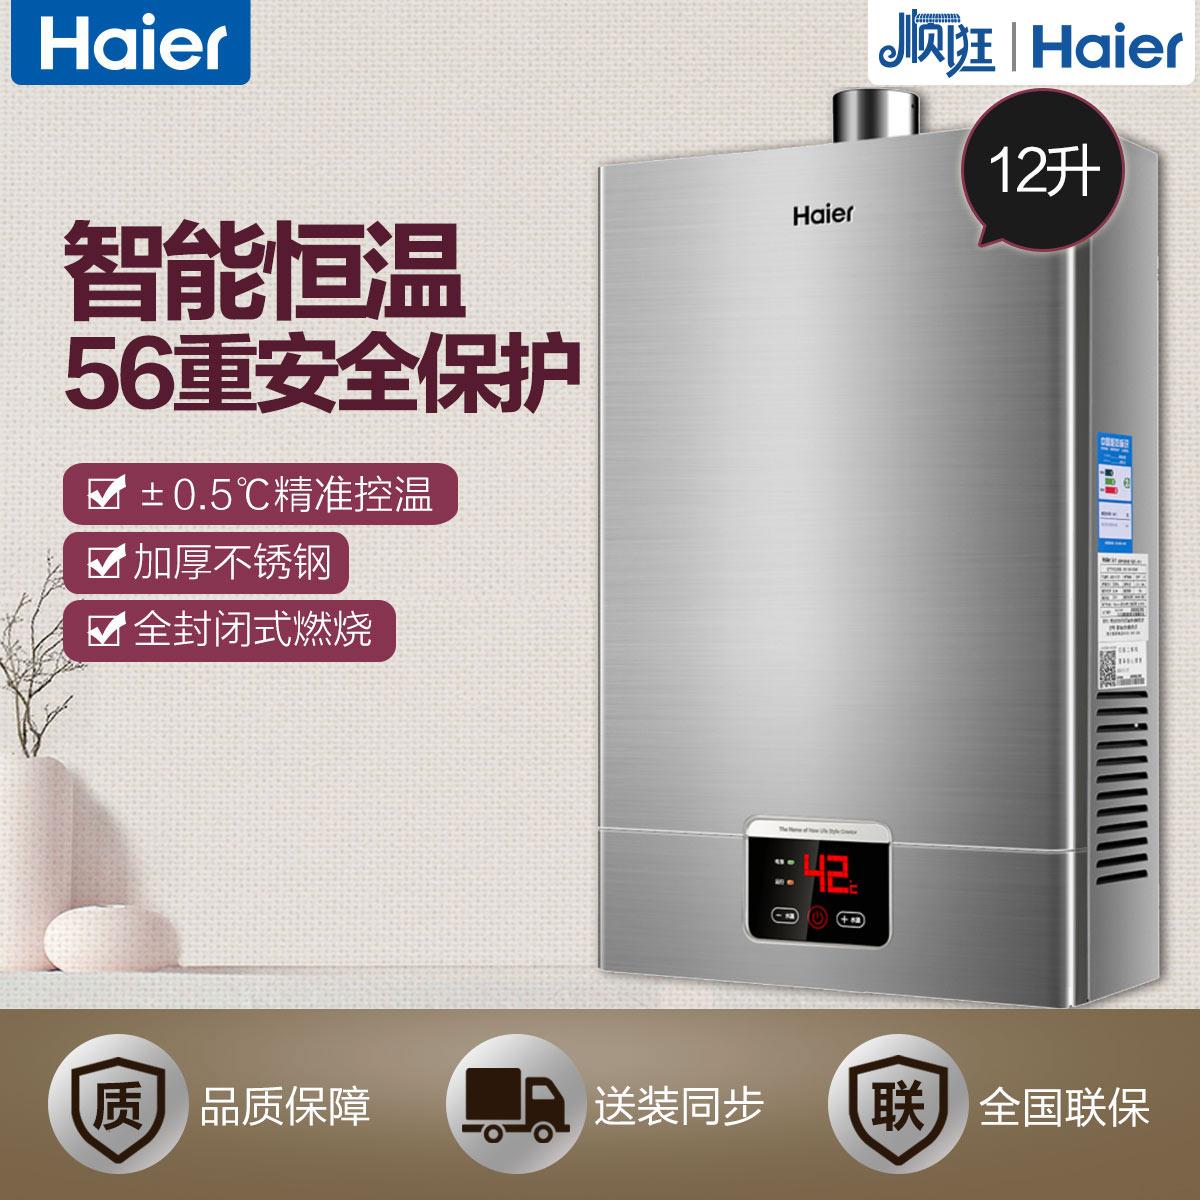 智能宽频恒温技术 56重安全保护 智能防冻 节能高效 JSQ24-UT(12T) 12升智能恒温家用燃气热水器